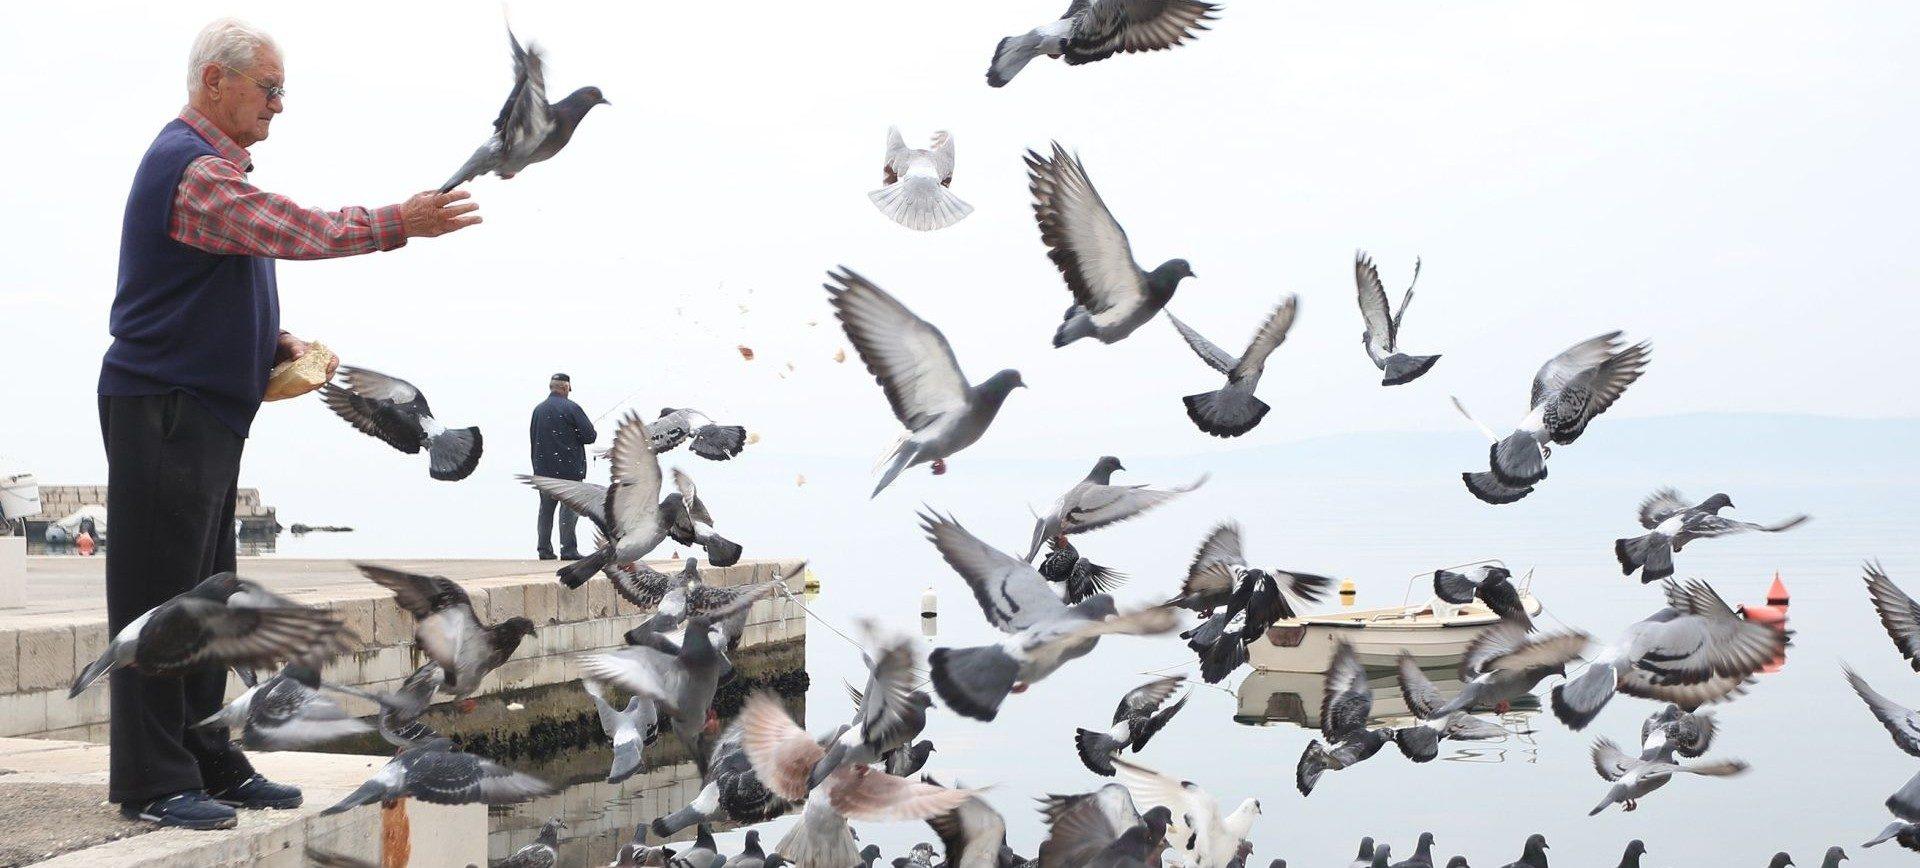 VIDEO: Zanimljiv umjetnički projekt s golubovima